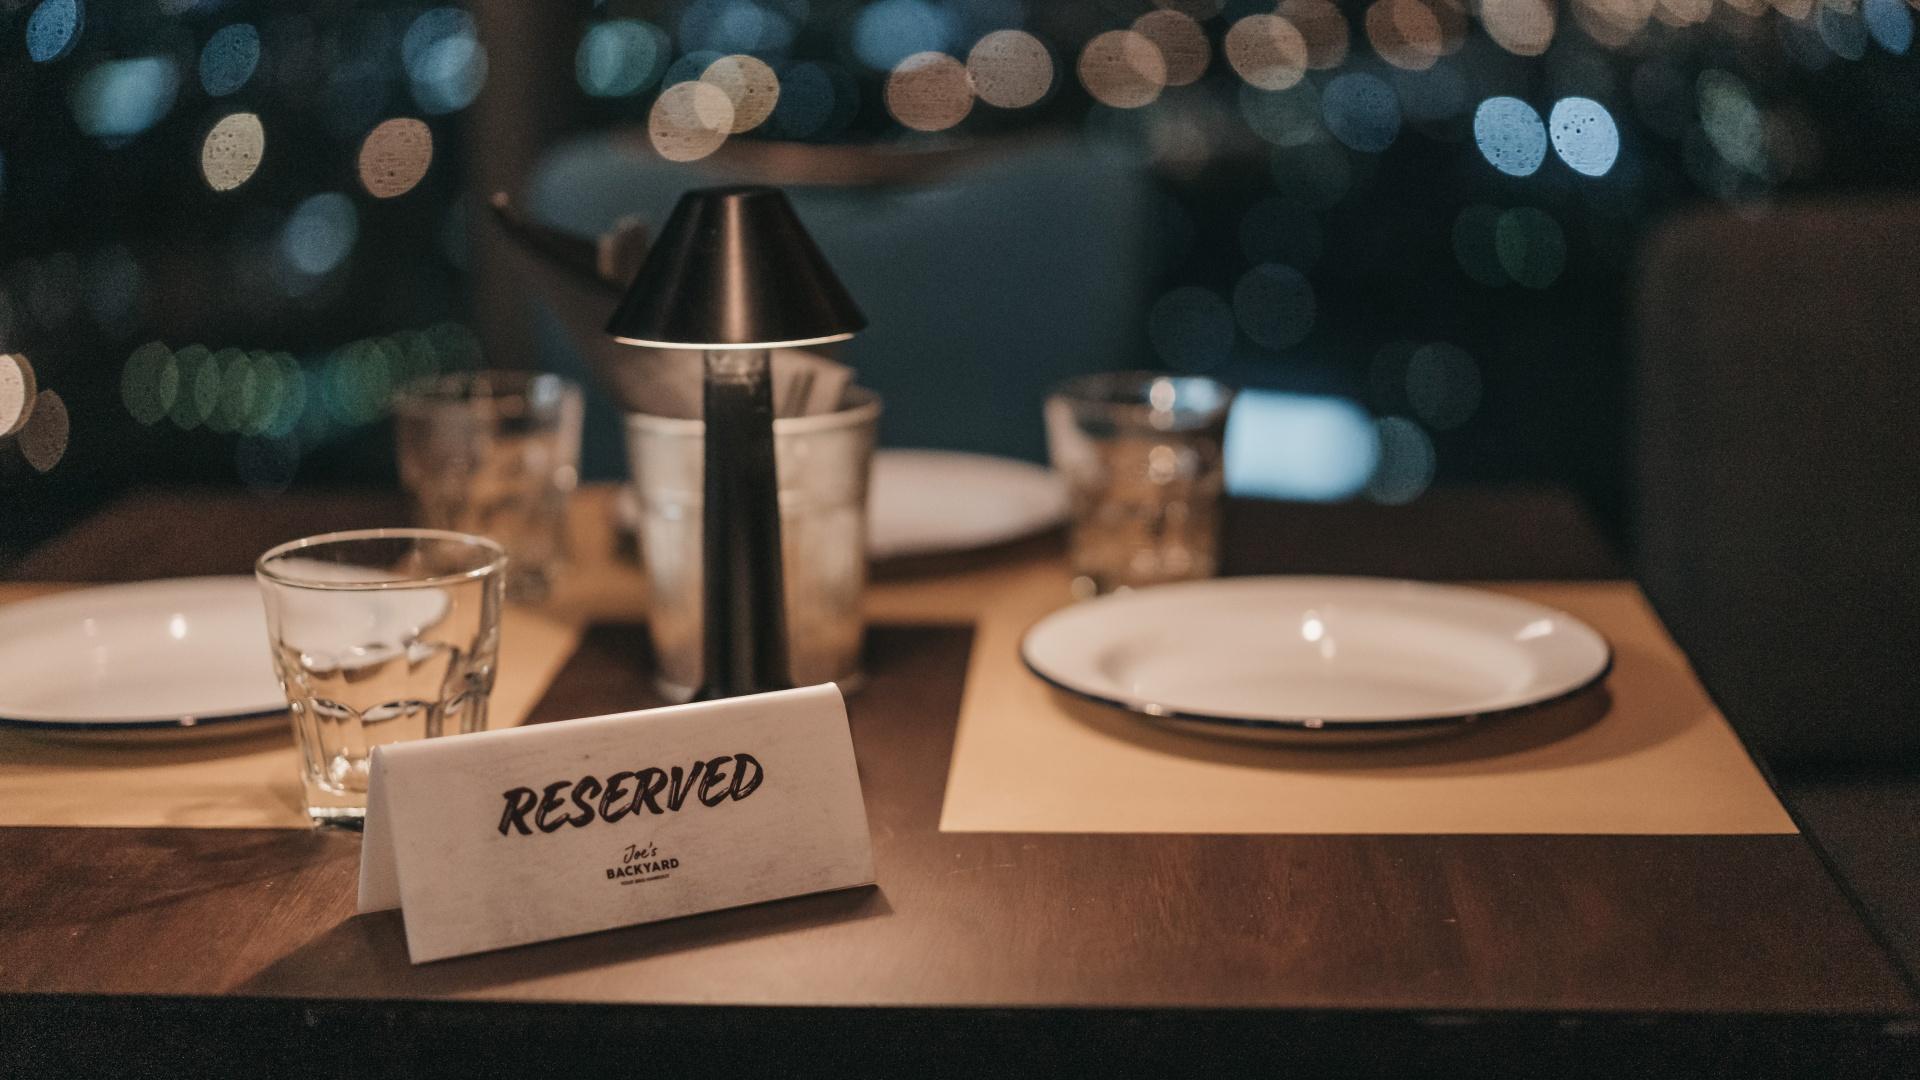 Foglalt tábla egy étterem asztalán